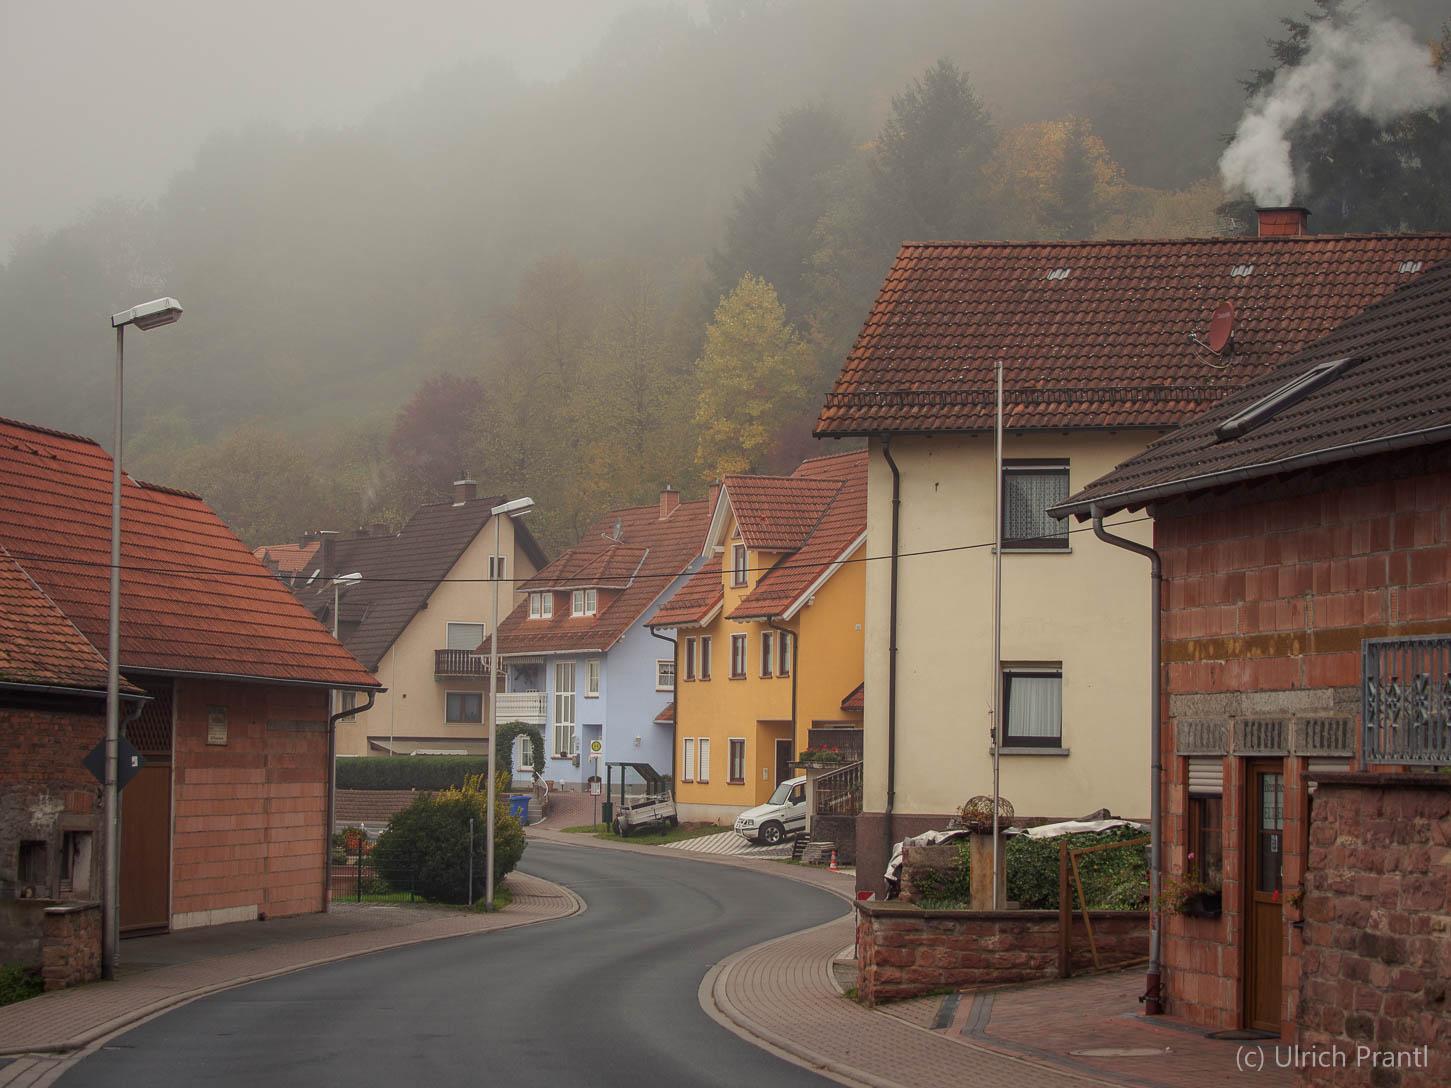 Dammbach